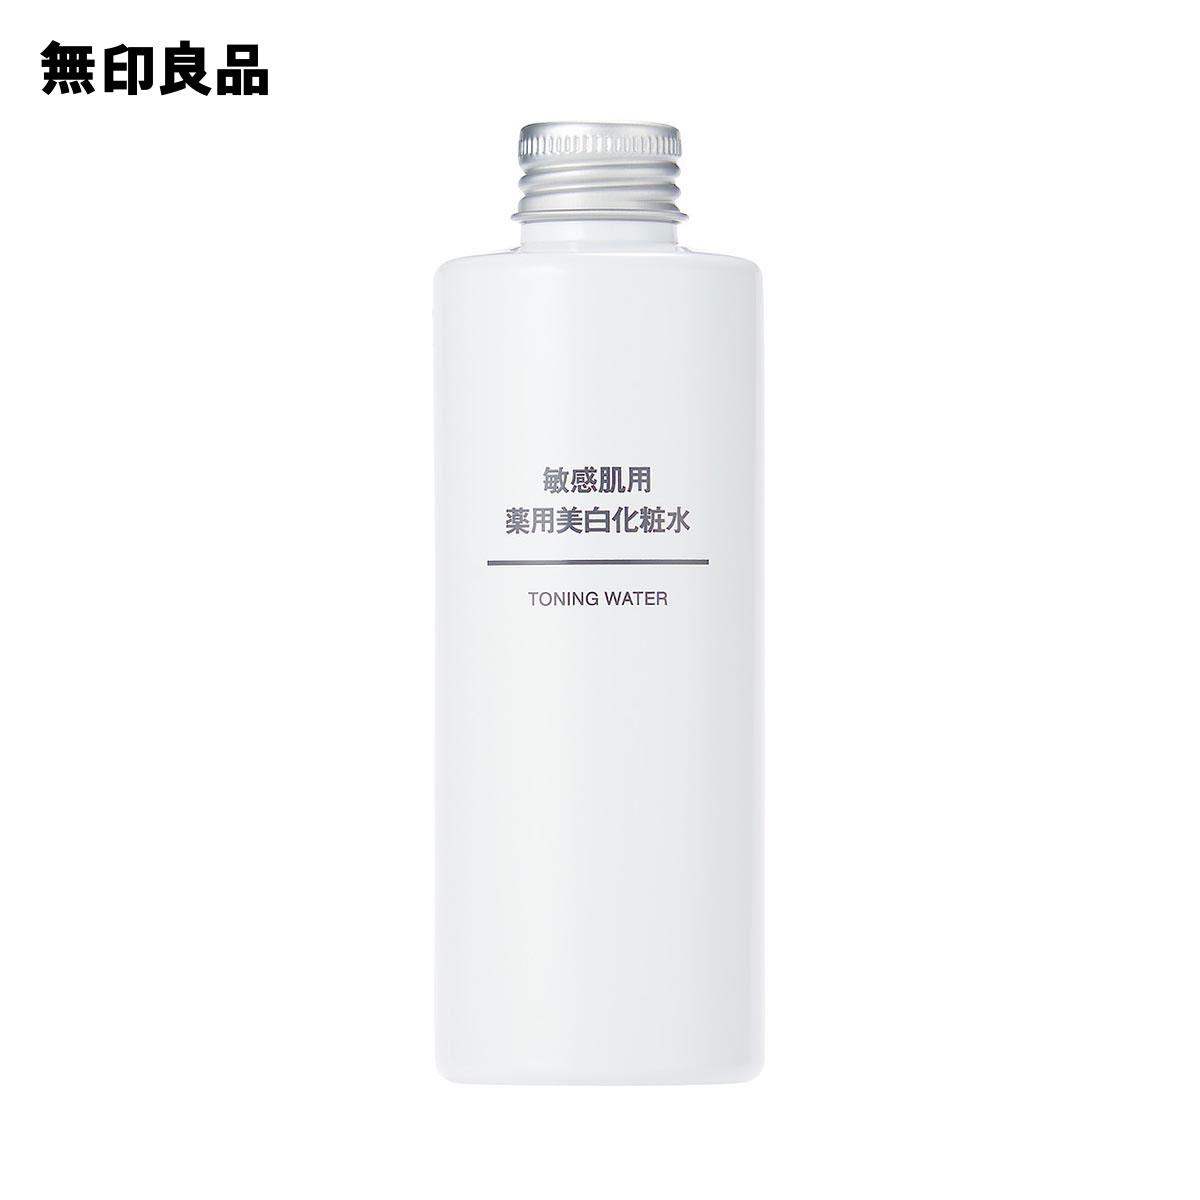 無印良品 公式 本日の目玉 5%OFF 200mL 敏感肌用薬用美白化粧水